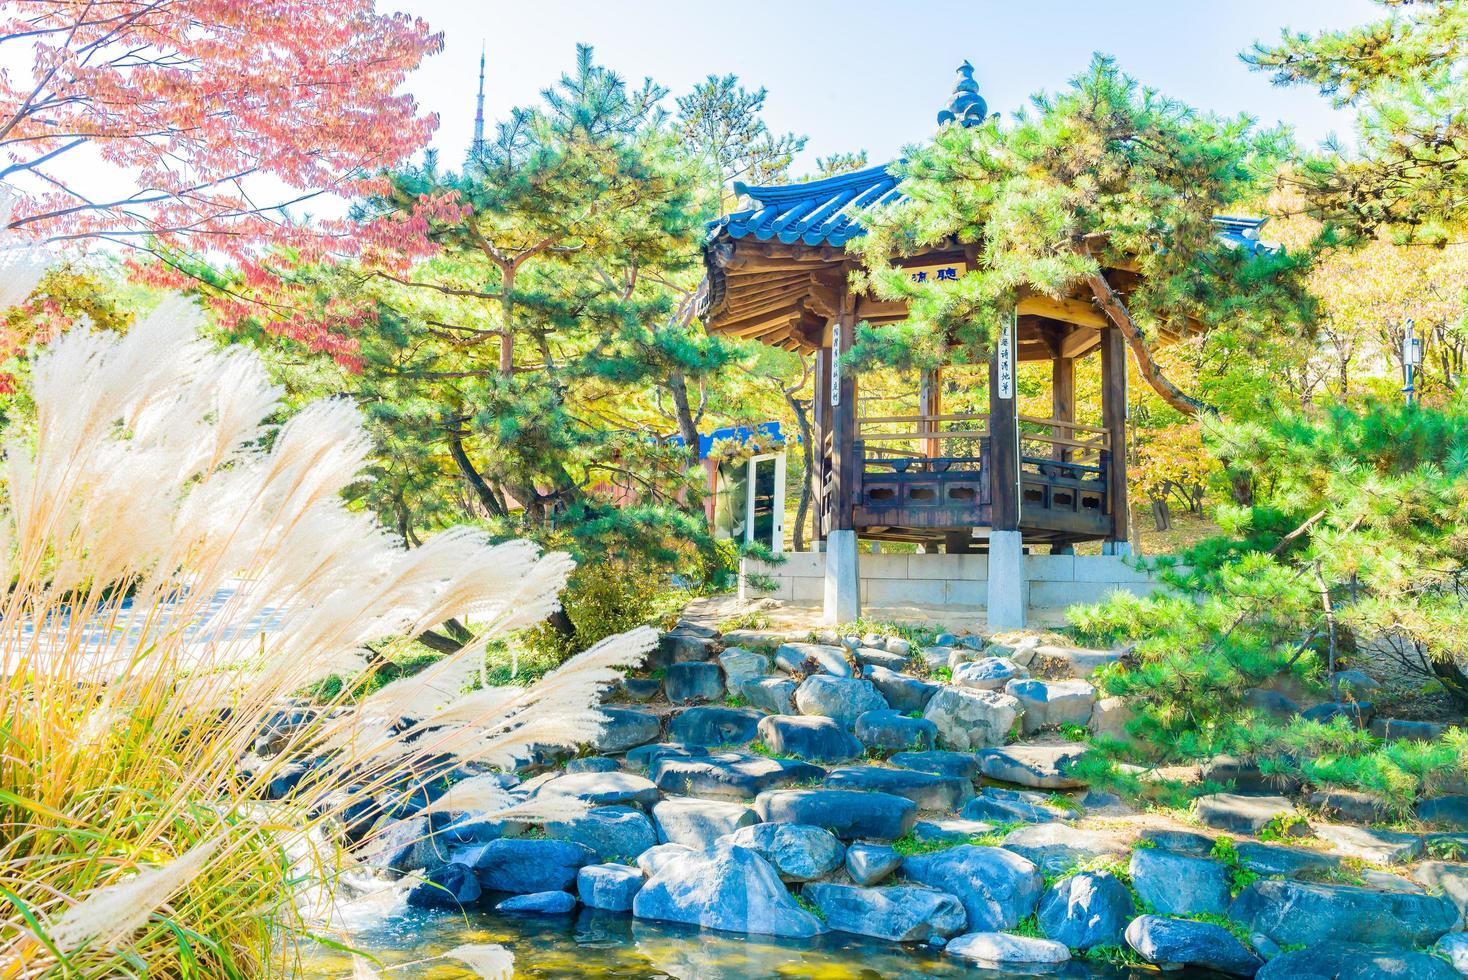 namsangol hanok dorf in seoul, südkorea foto